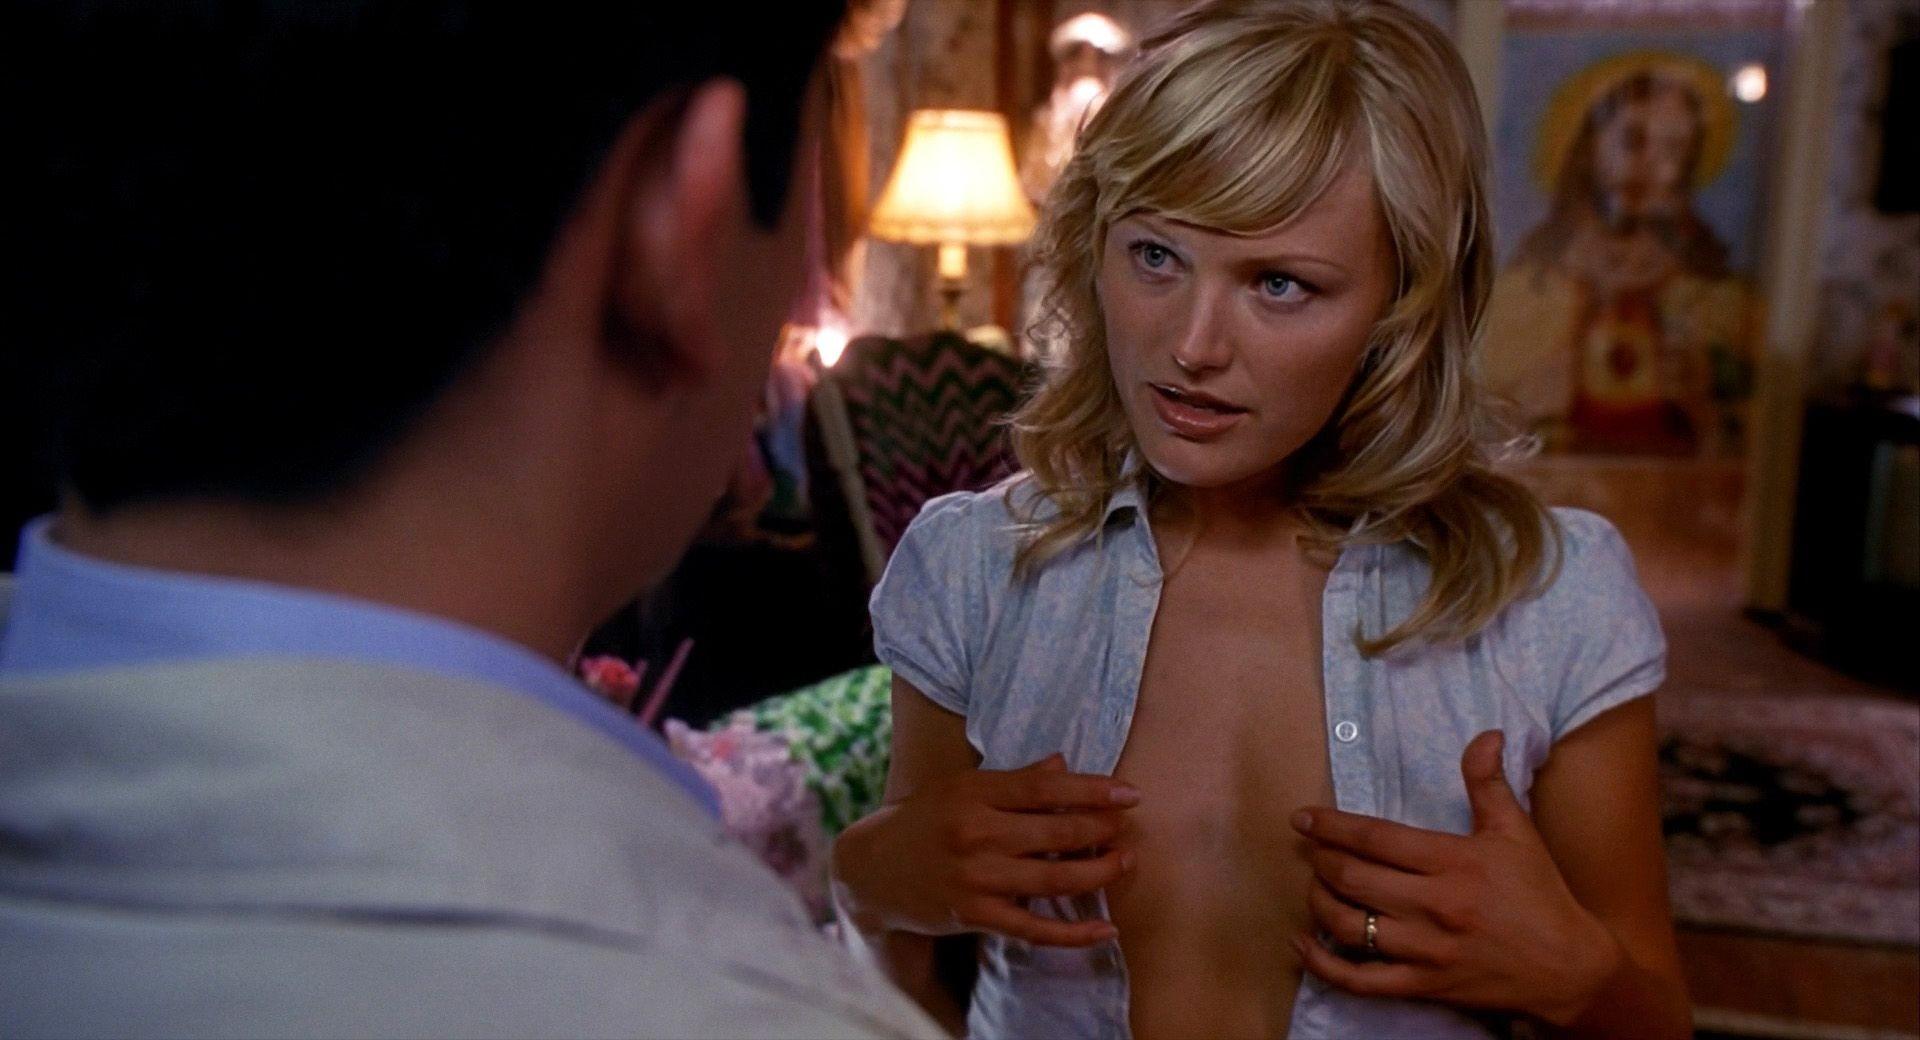 Malin Akerman Wet Tits In A Sex Scene